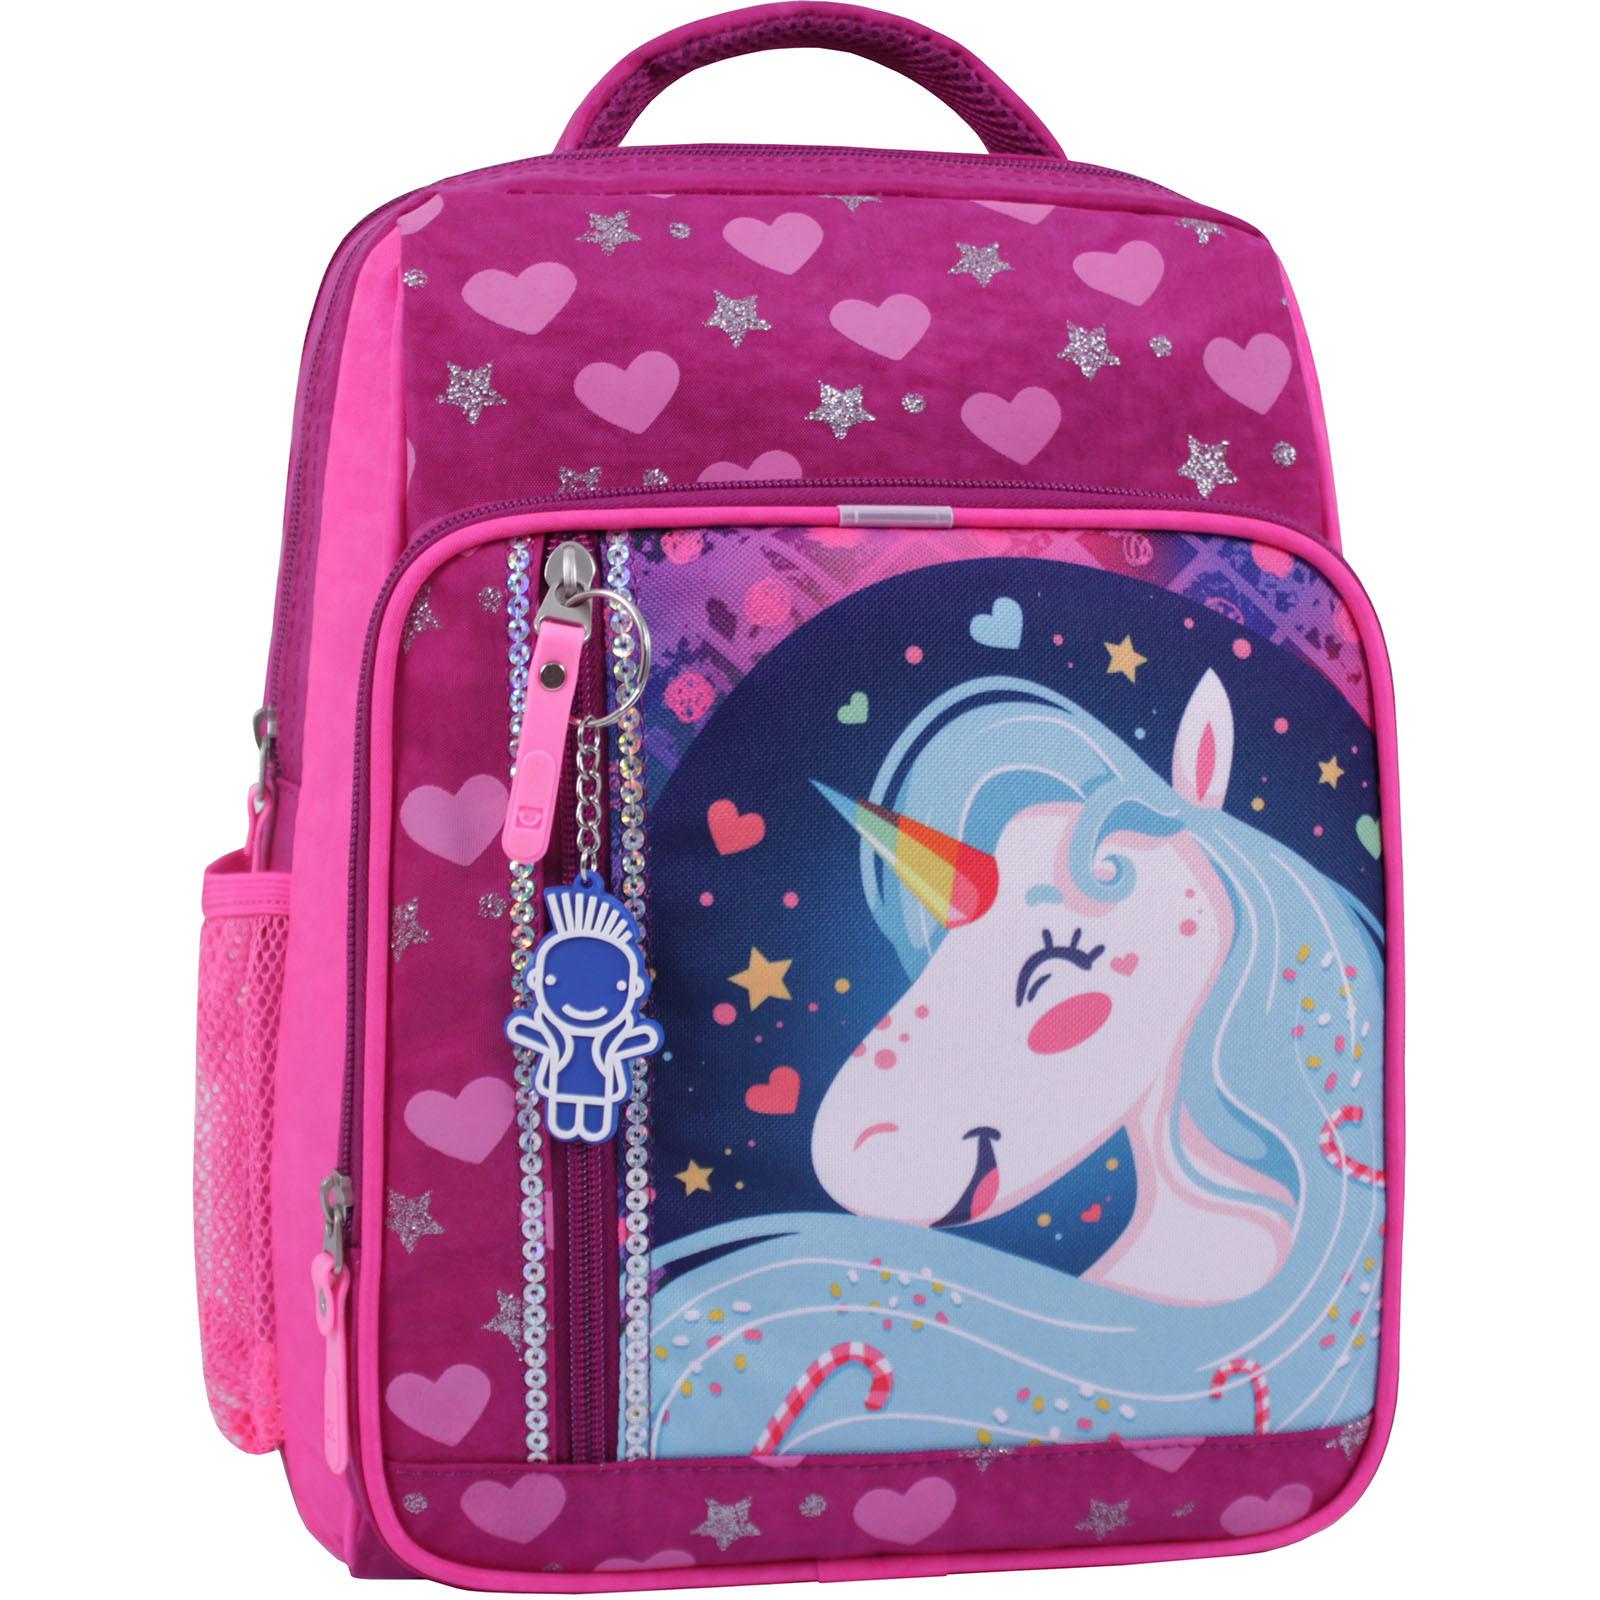 Детские рюкзаки Рюкзак школьный Bagland Школьник 8 л. 143 малиновый 504 (0012870) IMG_0843_суб.504_.JPG